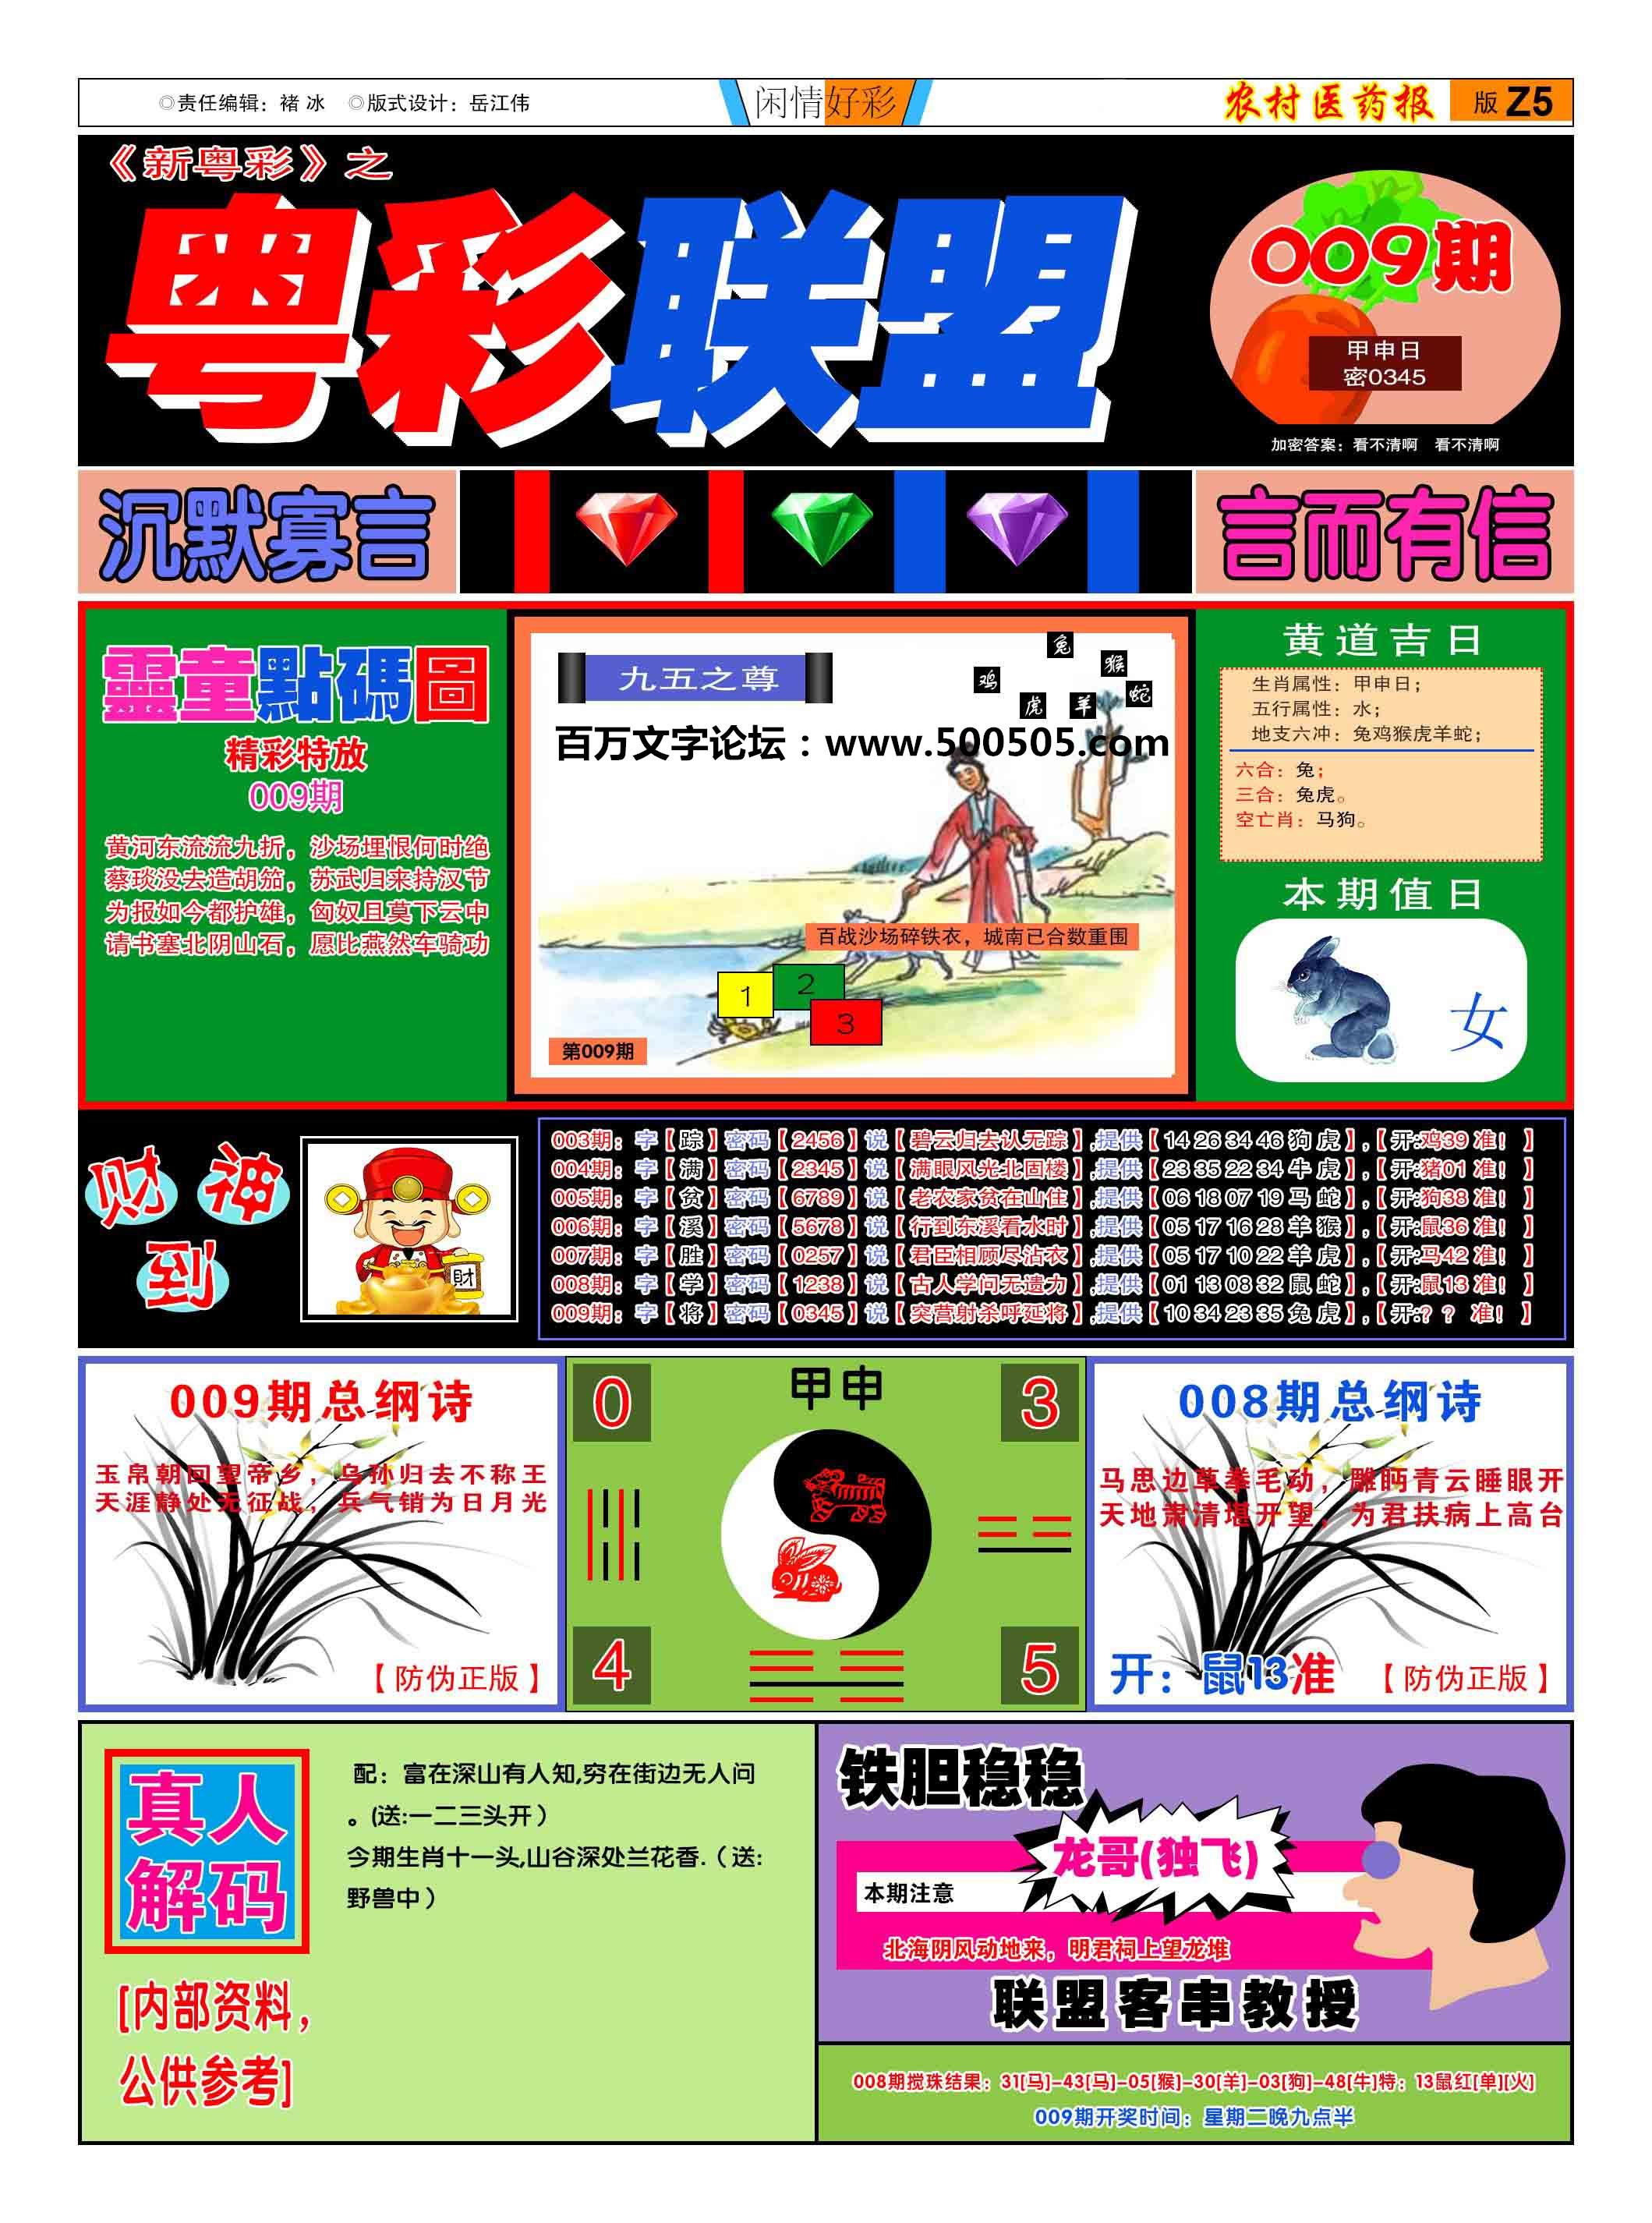 009期:彩民推荐:≮粤彩联盟≯→(博彩必备)